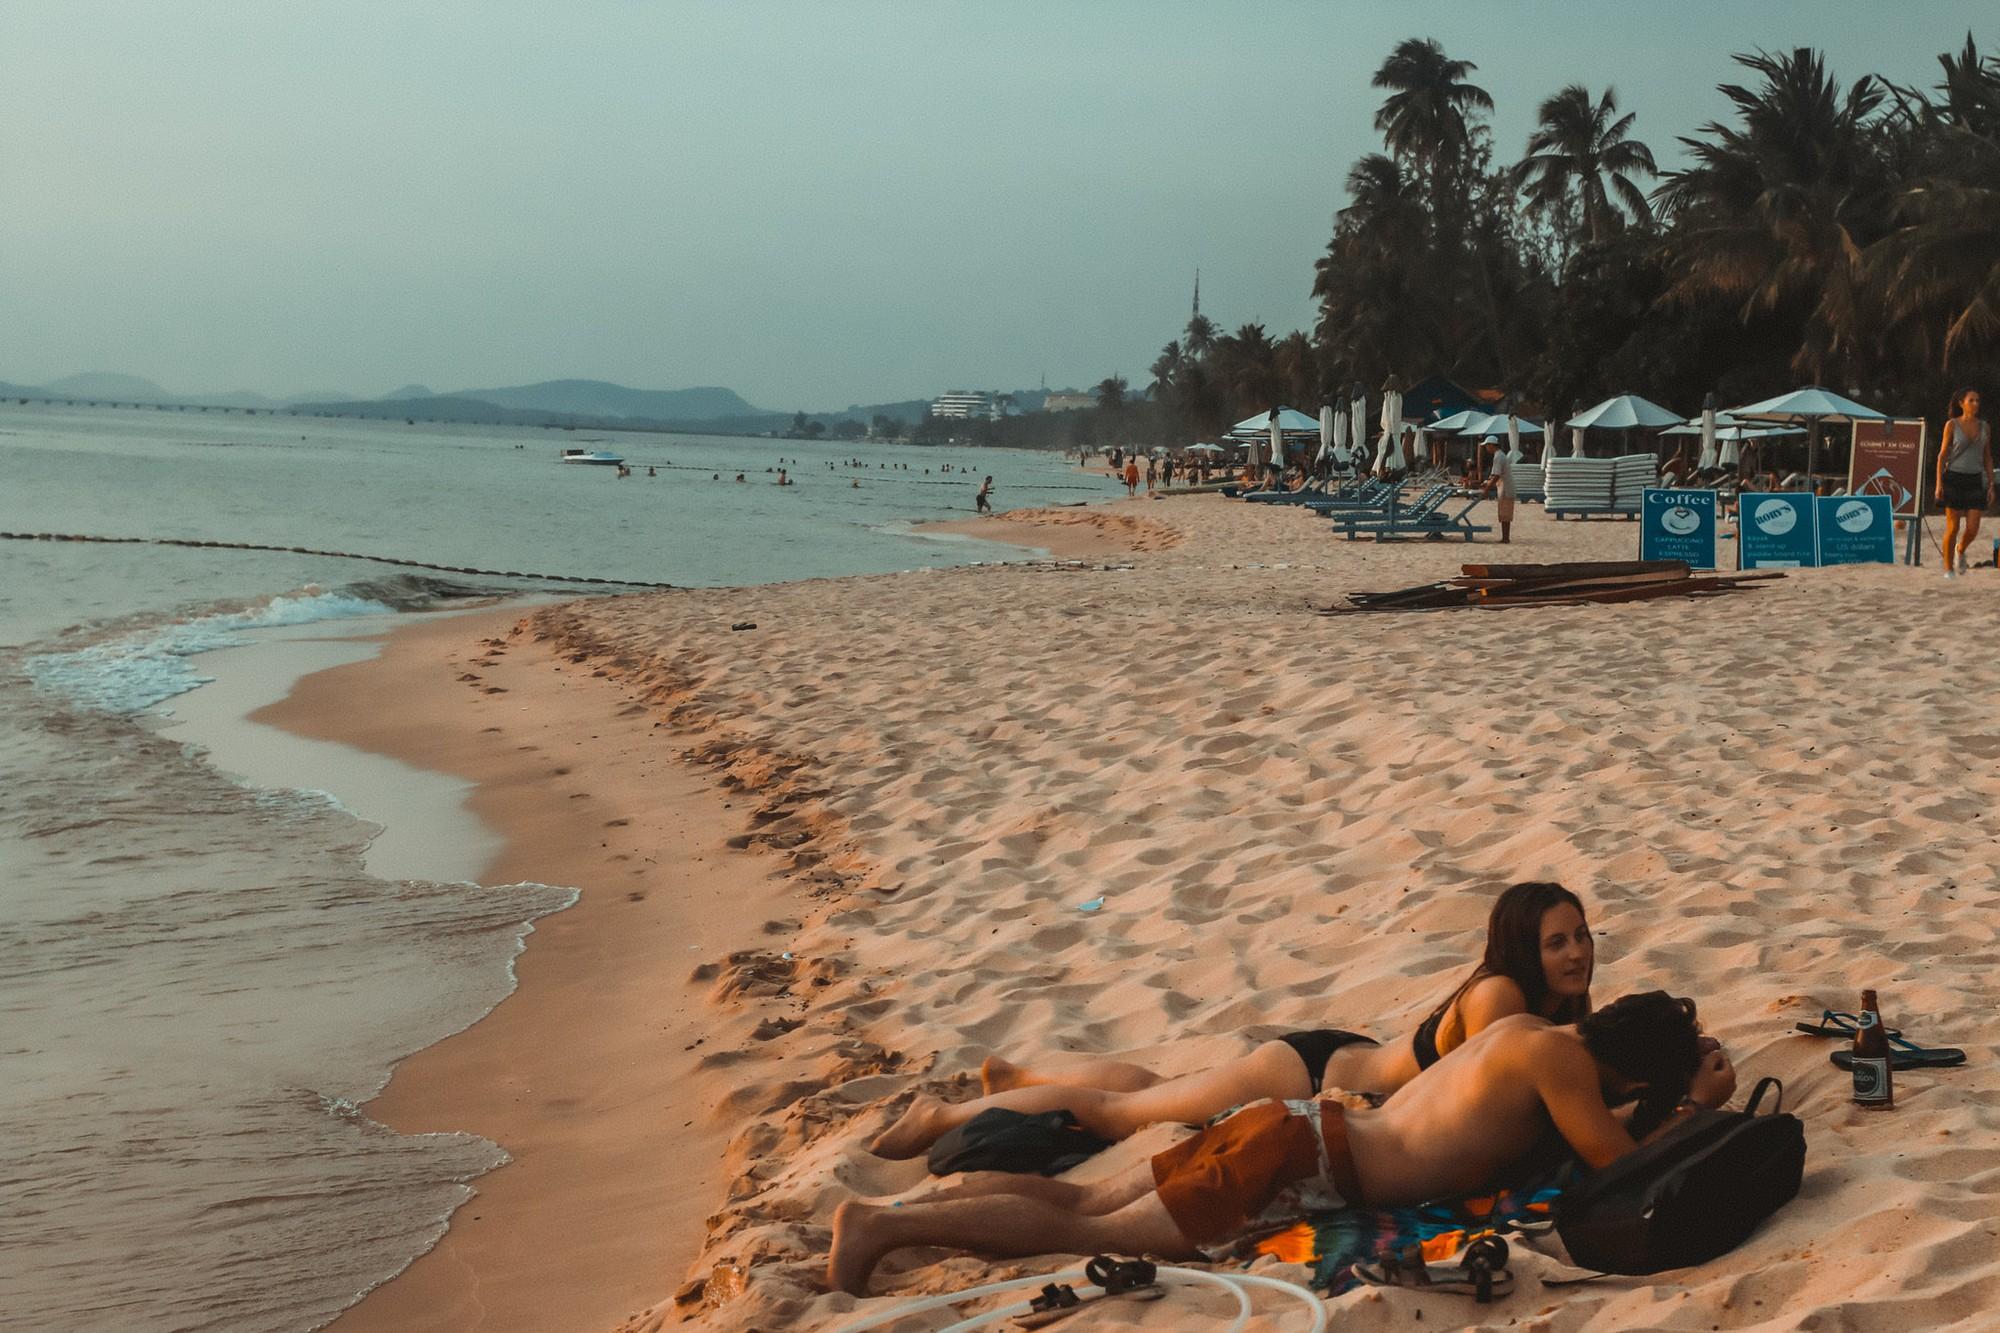 Những hòn đảo thiên đường ngay tại Việt Nam cho dịp lễ 30/4 - 1/5 - Ảnh 10.